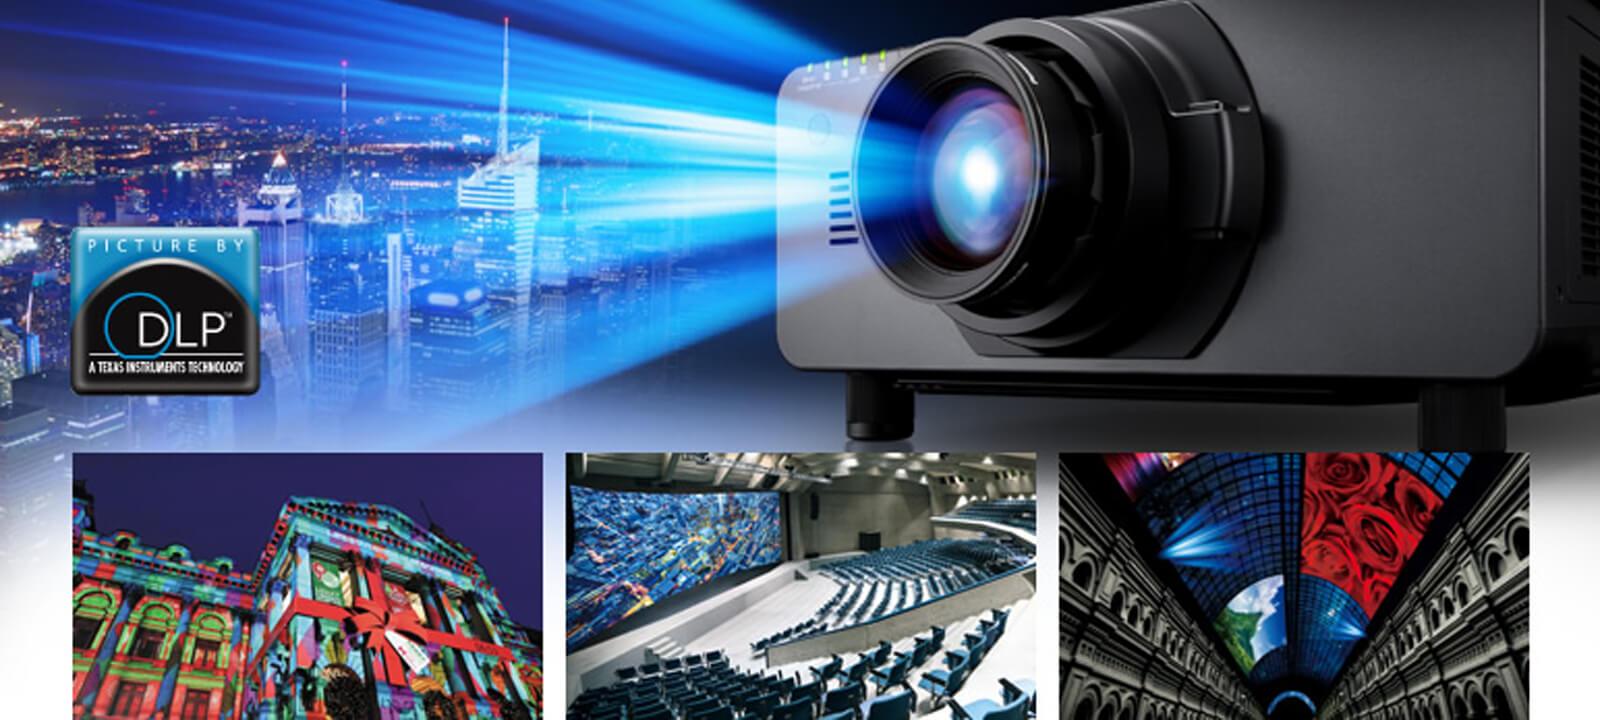 ویدئو پروژکتورهای Panasonic